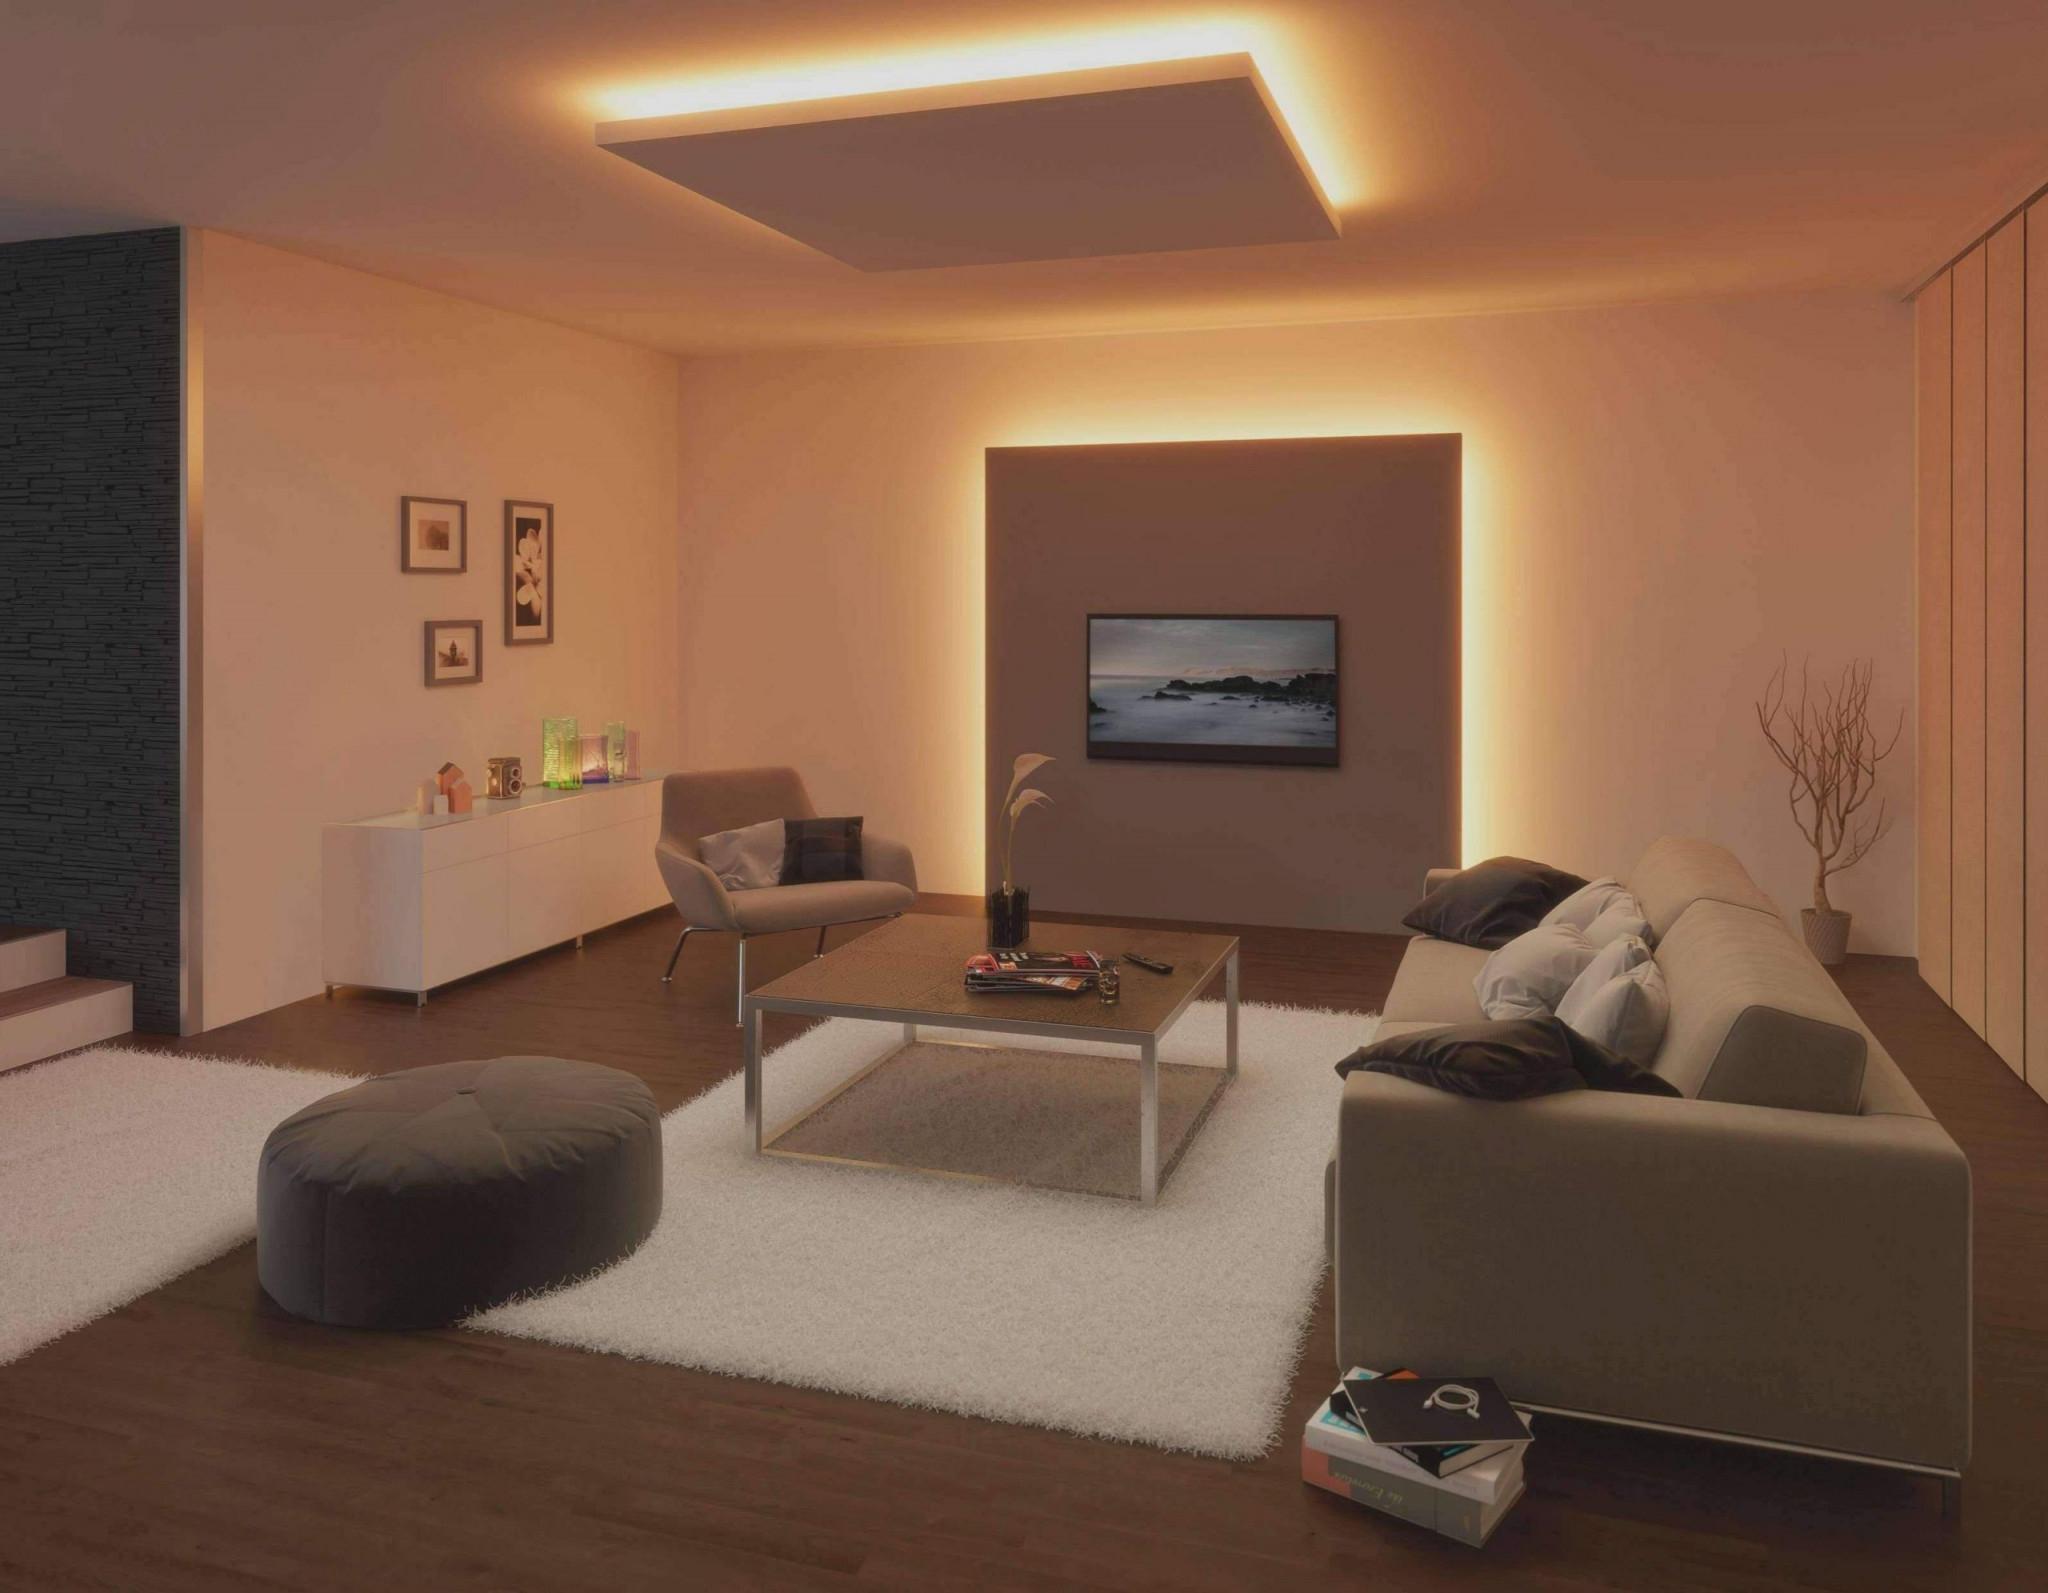 Retro Wohnzimmer Luxus Wohnzimmer Retro Genial Einzigartig von Retro Wohnzimmer Lampe Photo